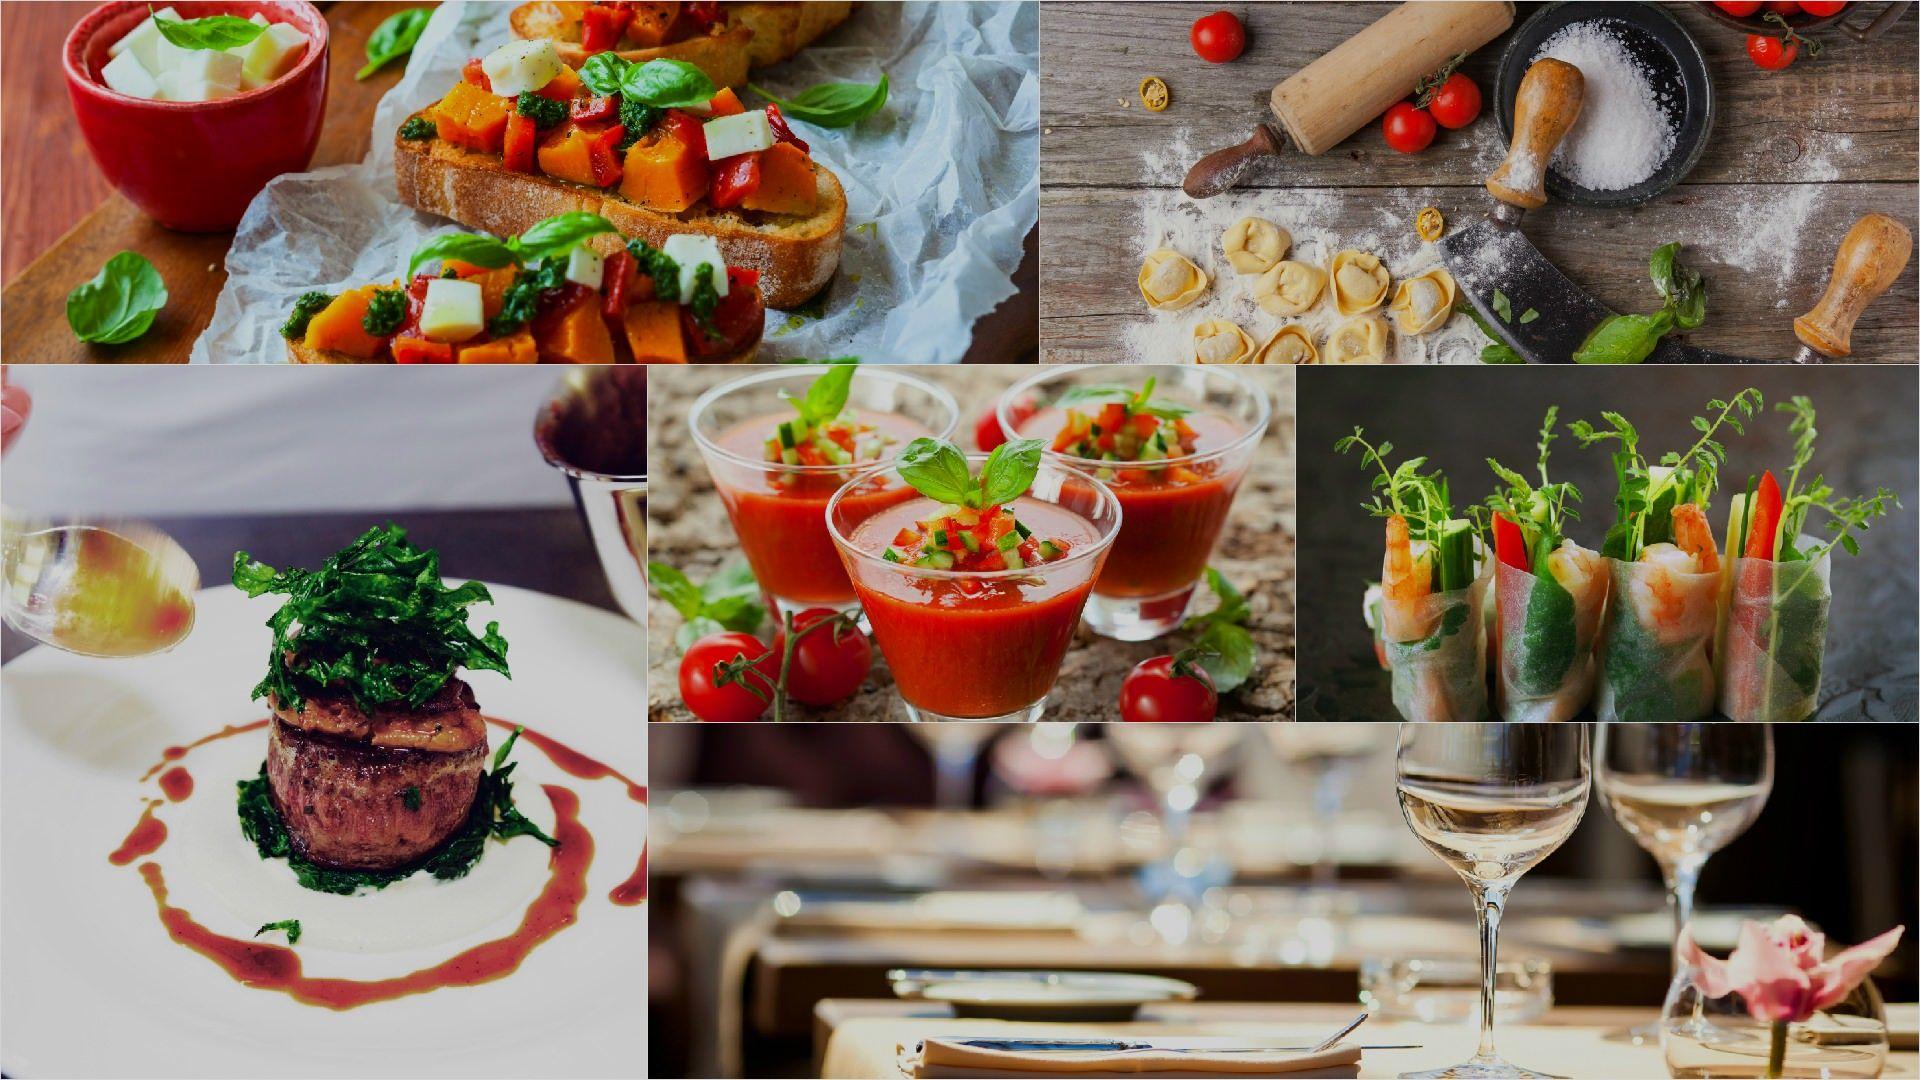 ארוחות שף פרטי משובחות וקייטרינג בוטיק לאירועים קטנים ומיוחדים